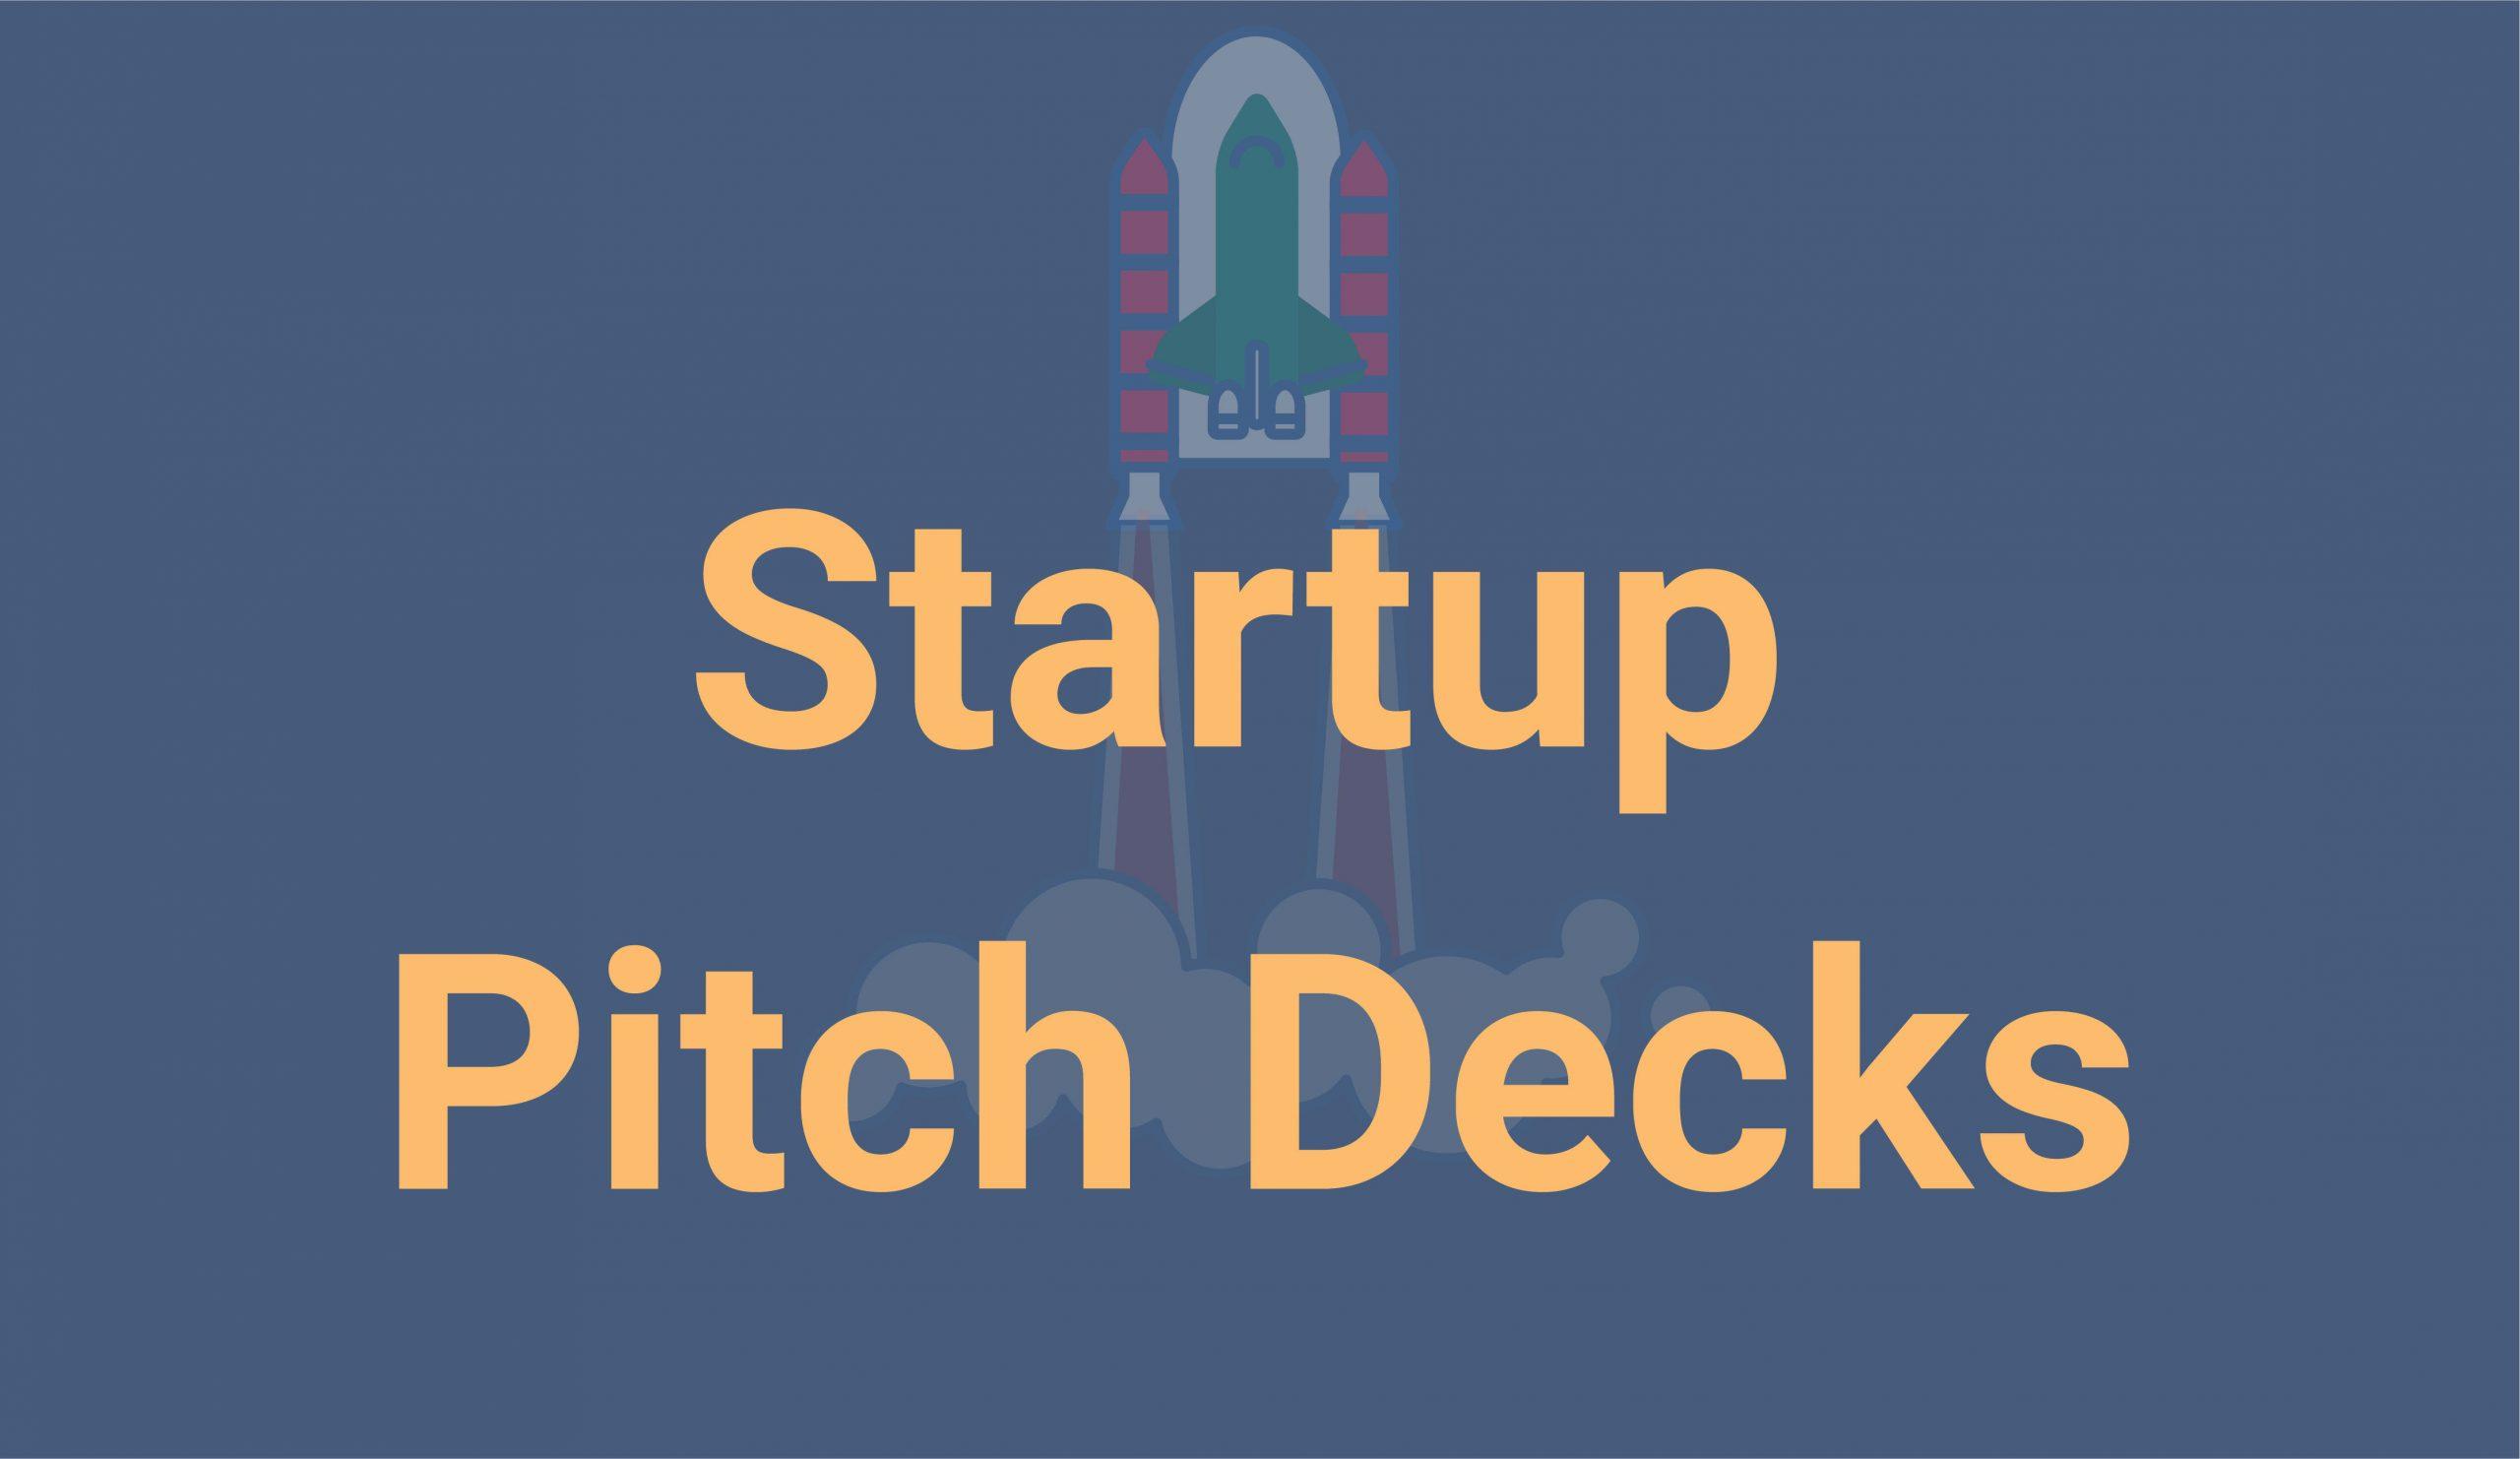 powerpoint-presentation-investor-pitch-deck-startup-presentation-design-keynote